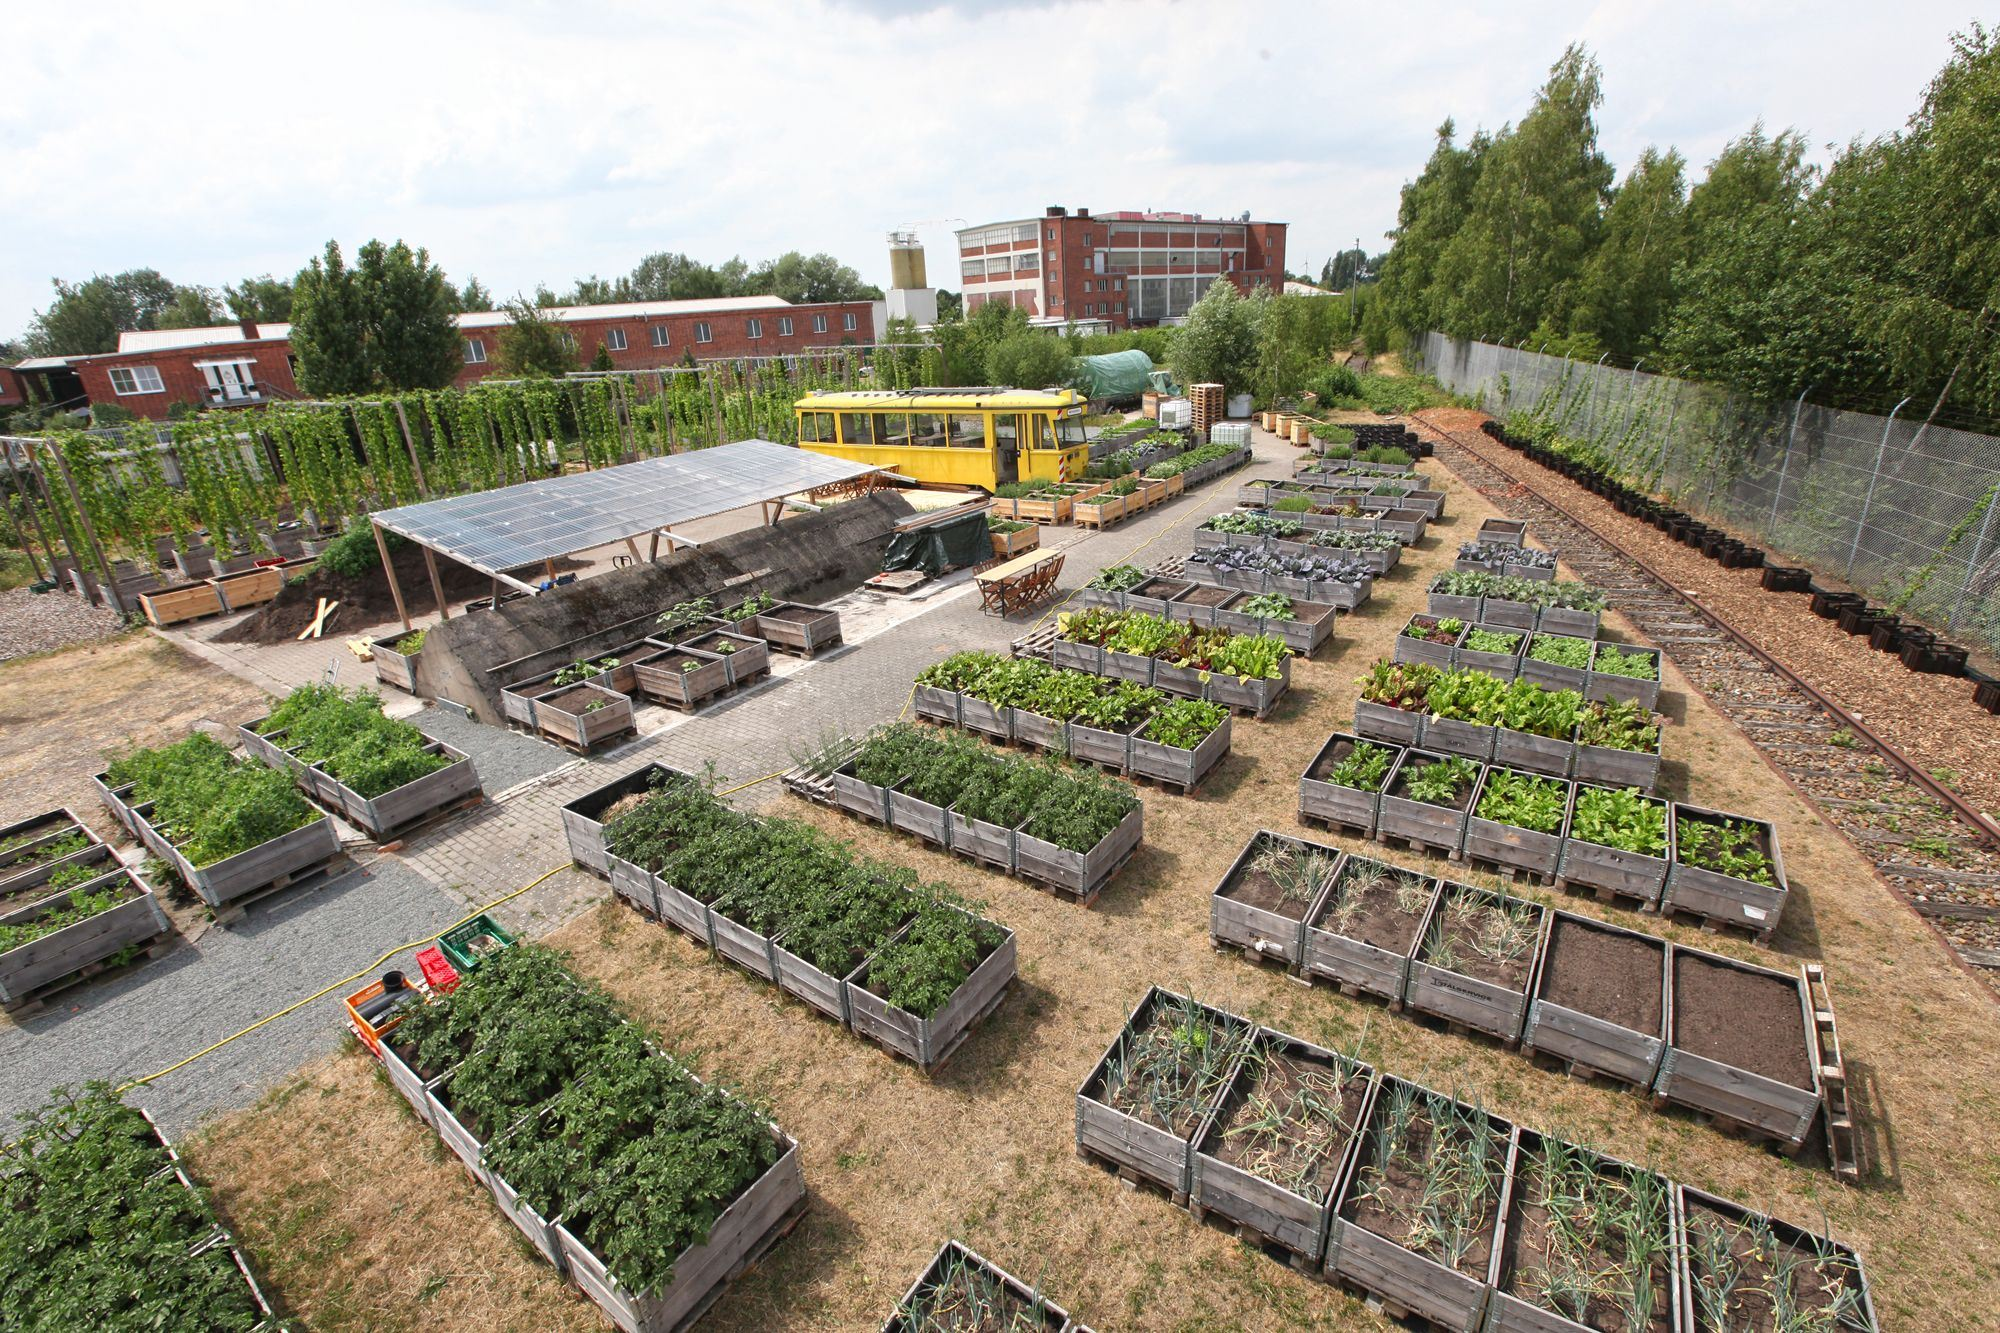 Die Bremer Gemüsewerft - Edukative und städtebauliche Mehrwerte urbaner Landwirtschaft am Beispiel der Bremer Gemüsewerft